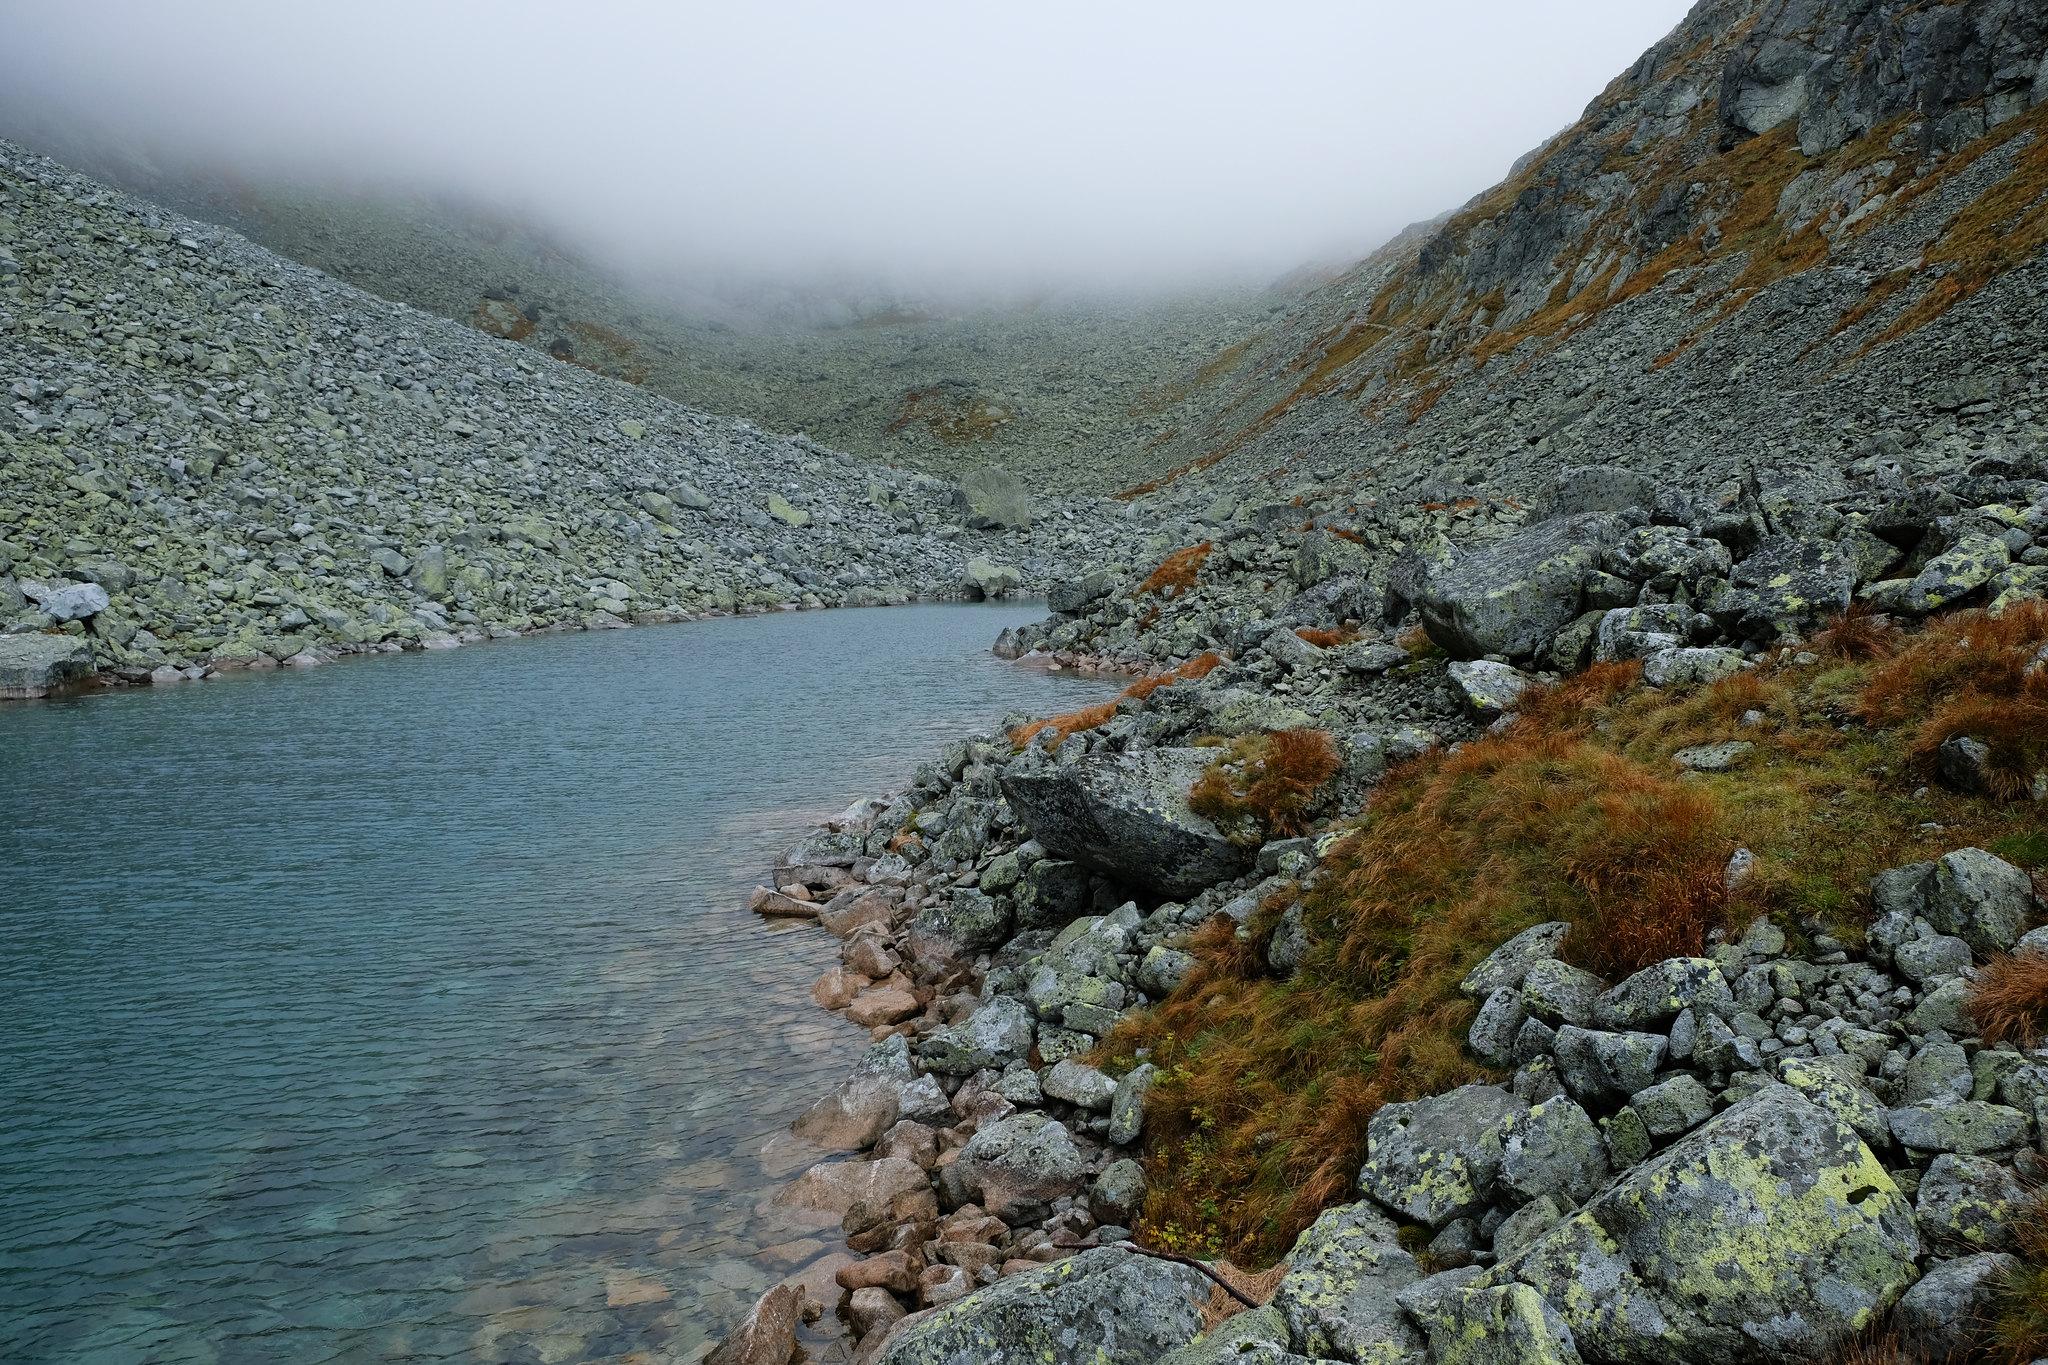 Dlhé pleso, High Tatras, Slovakia